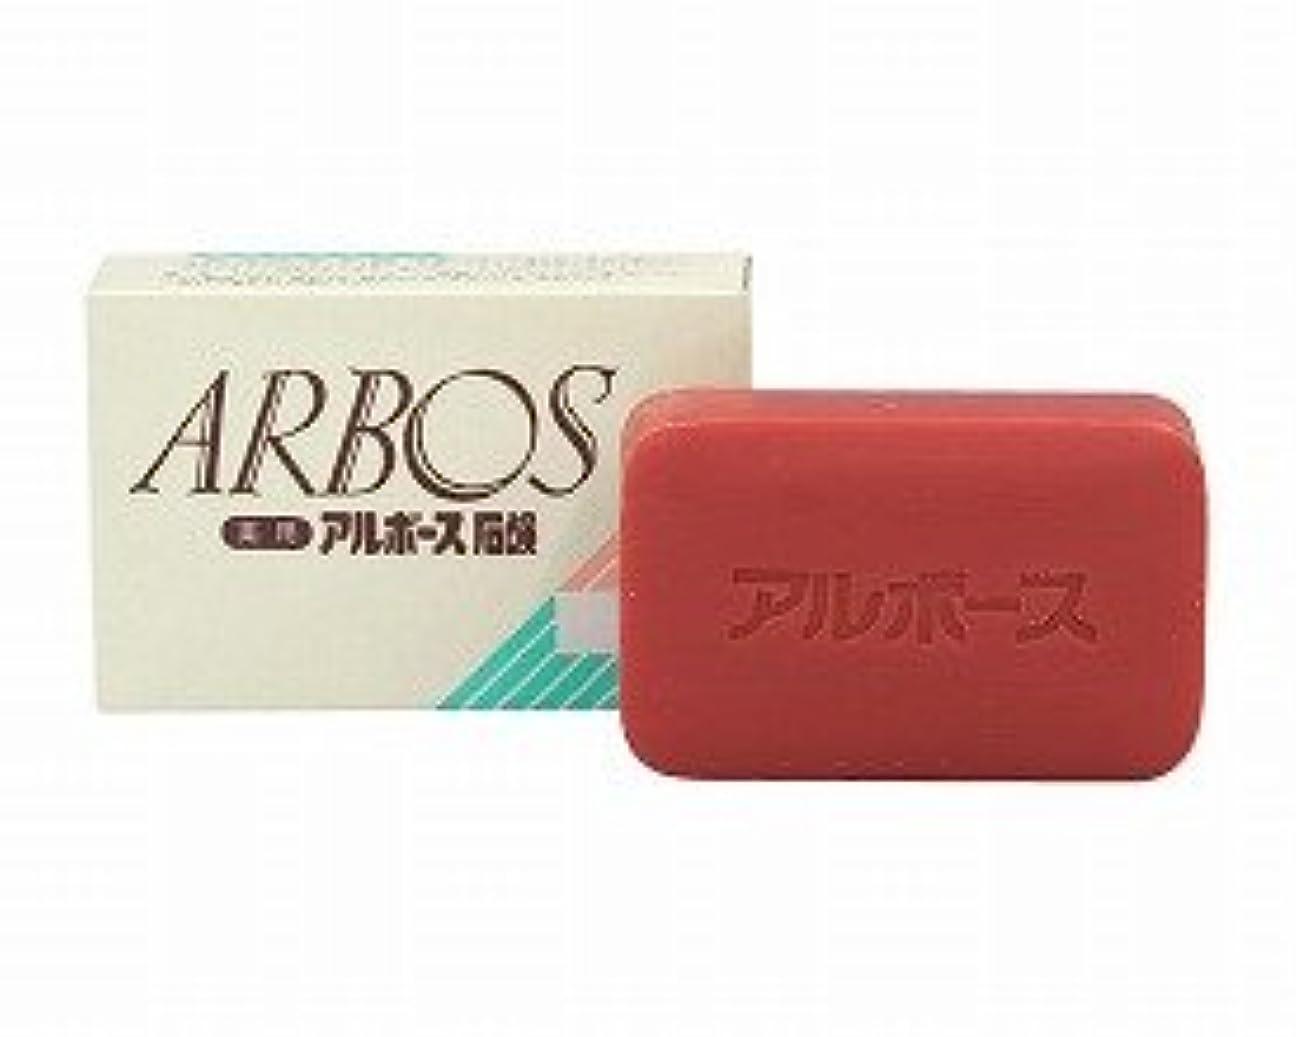 不機嫌そうな不道徳テラス薬用アルボース石鹸 85g 1ケース(240個入) (アルボース) (清拭小物)